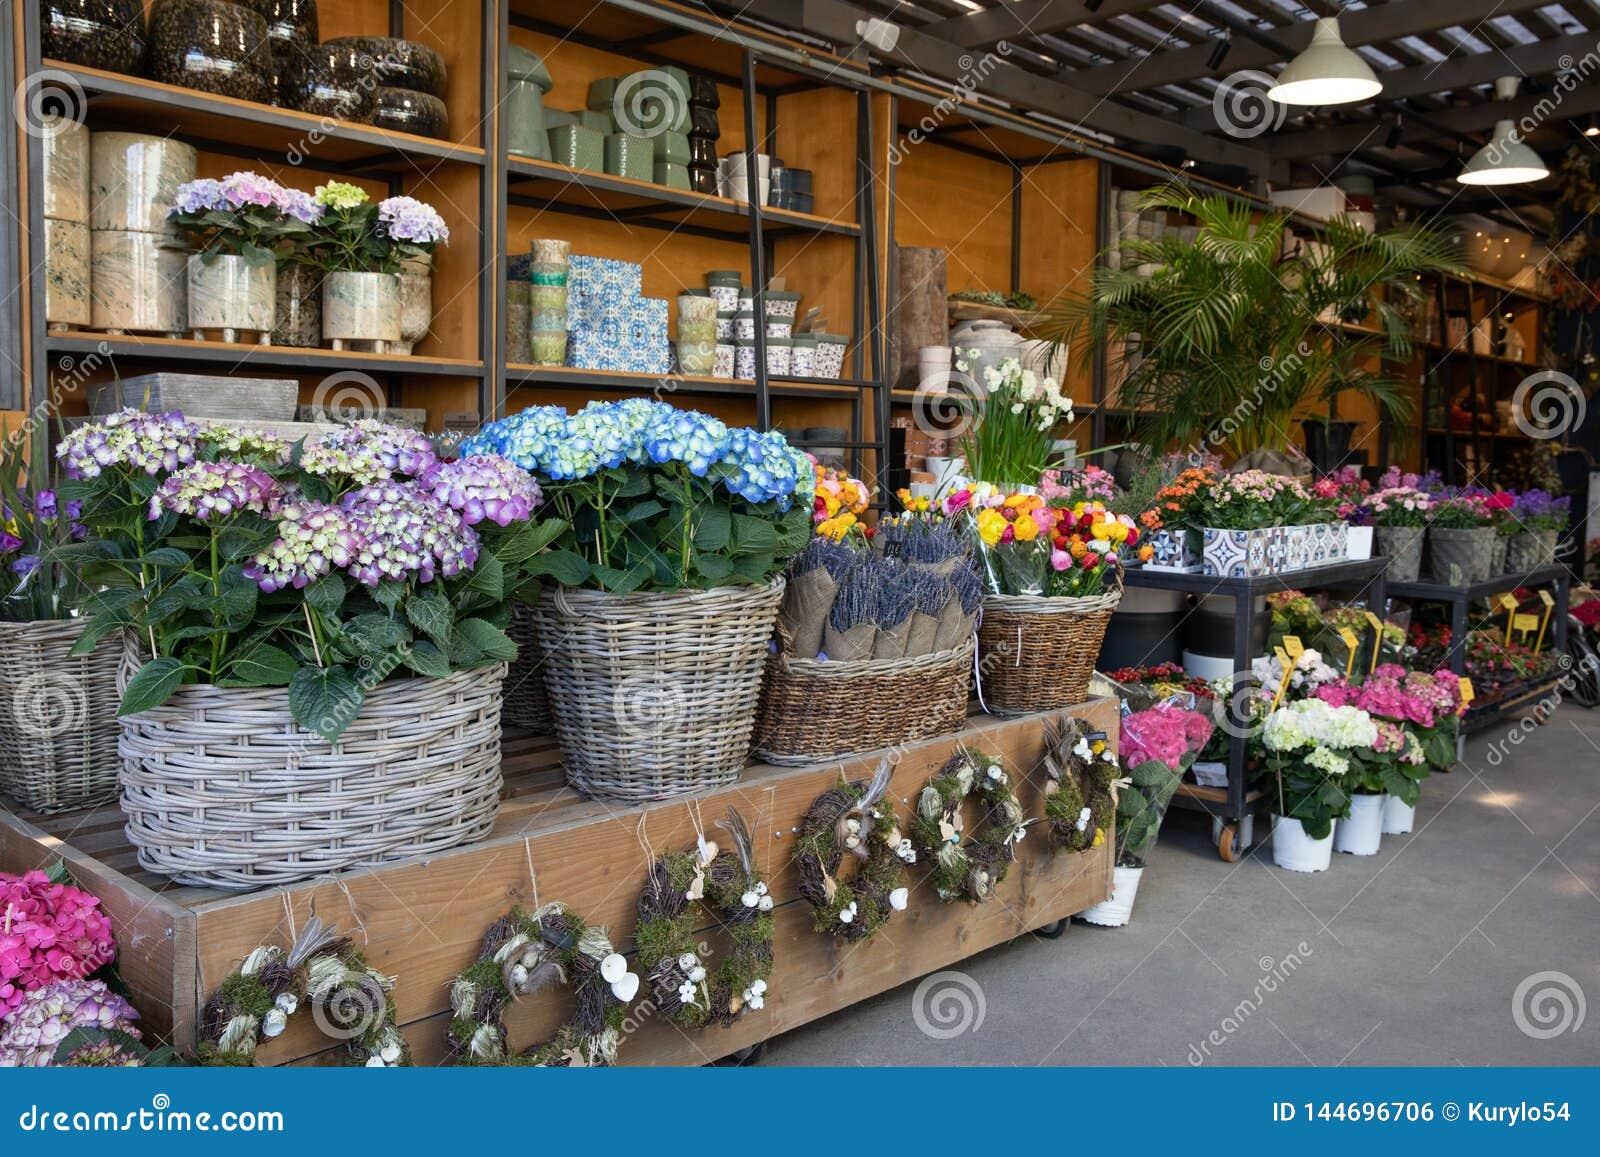 Blommor bommar för med variation av nya härliga blommor liksom vanlig hortensiamacrophyllaen, lavendel, persiska smörblommor och